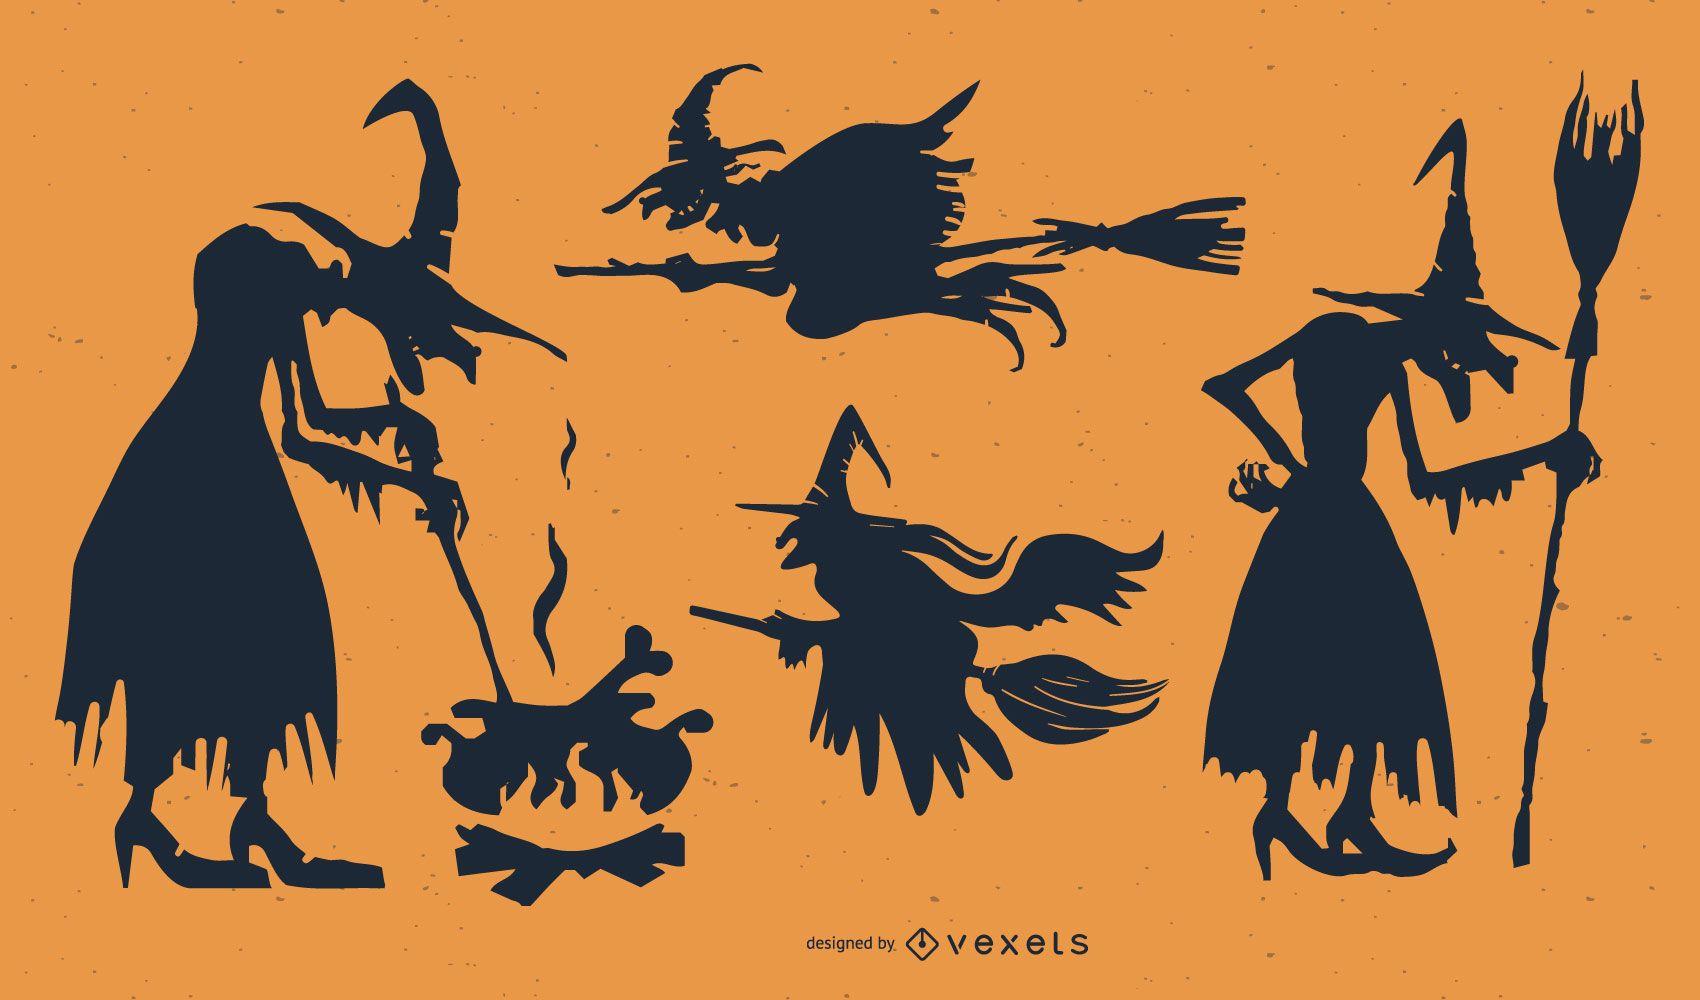 Silhuetas de conjuntos de personagens de bruxa feminina